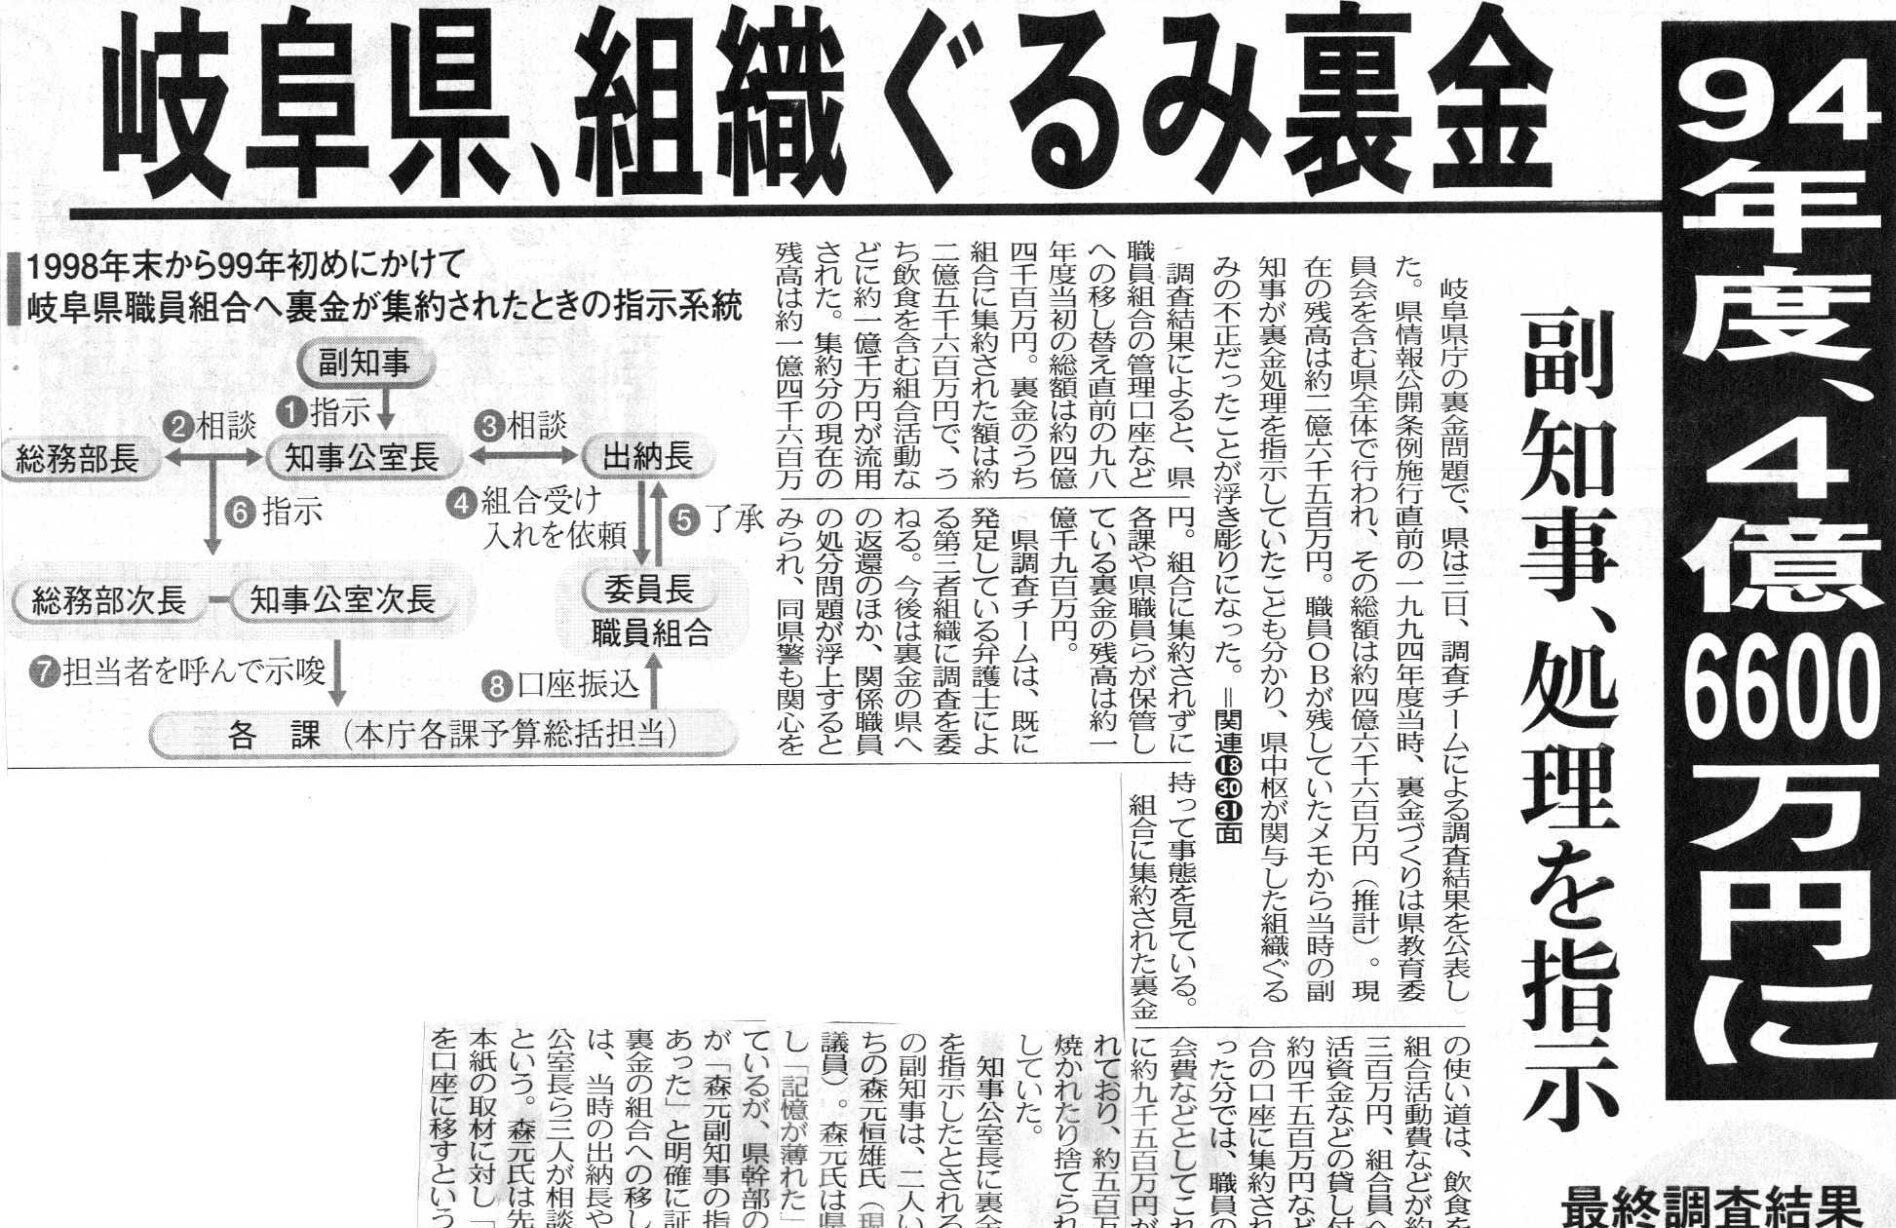 岐阜の市政や県職員が織りなす人間性と業務に関する不祥事